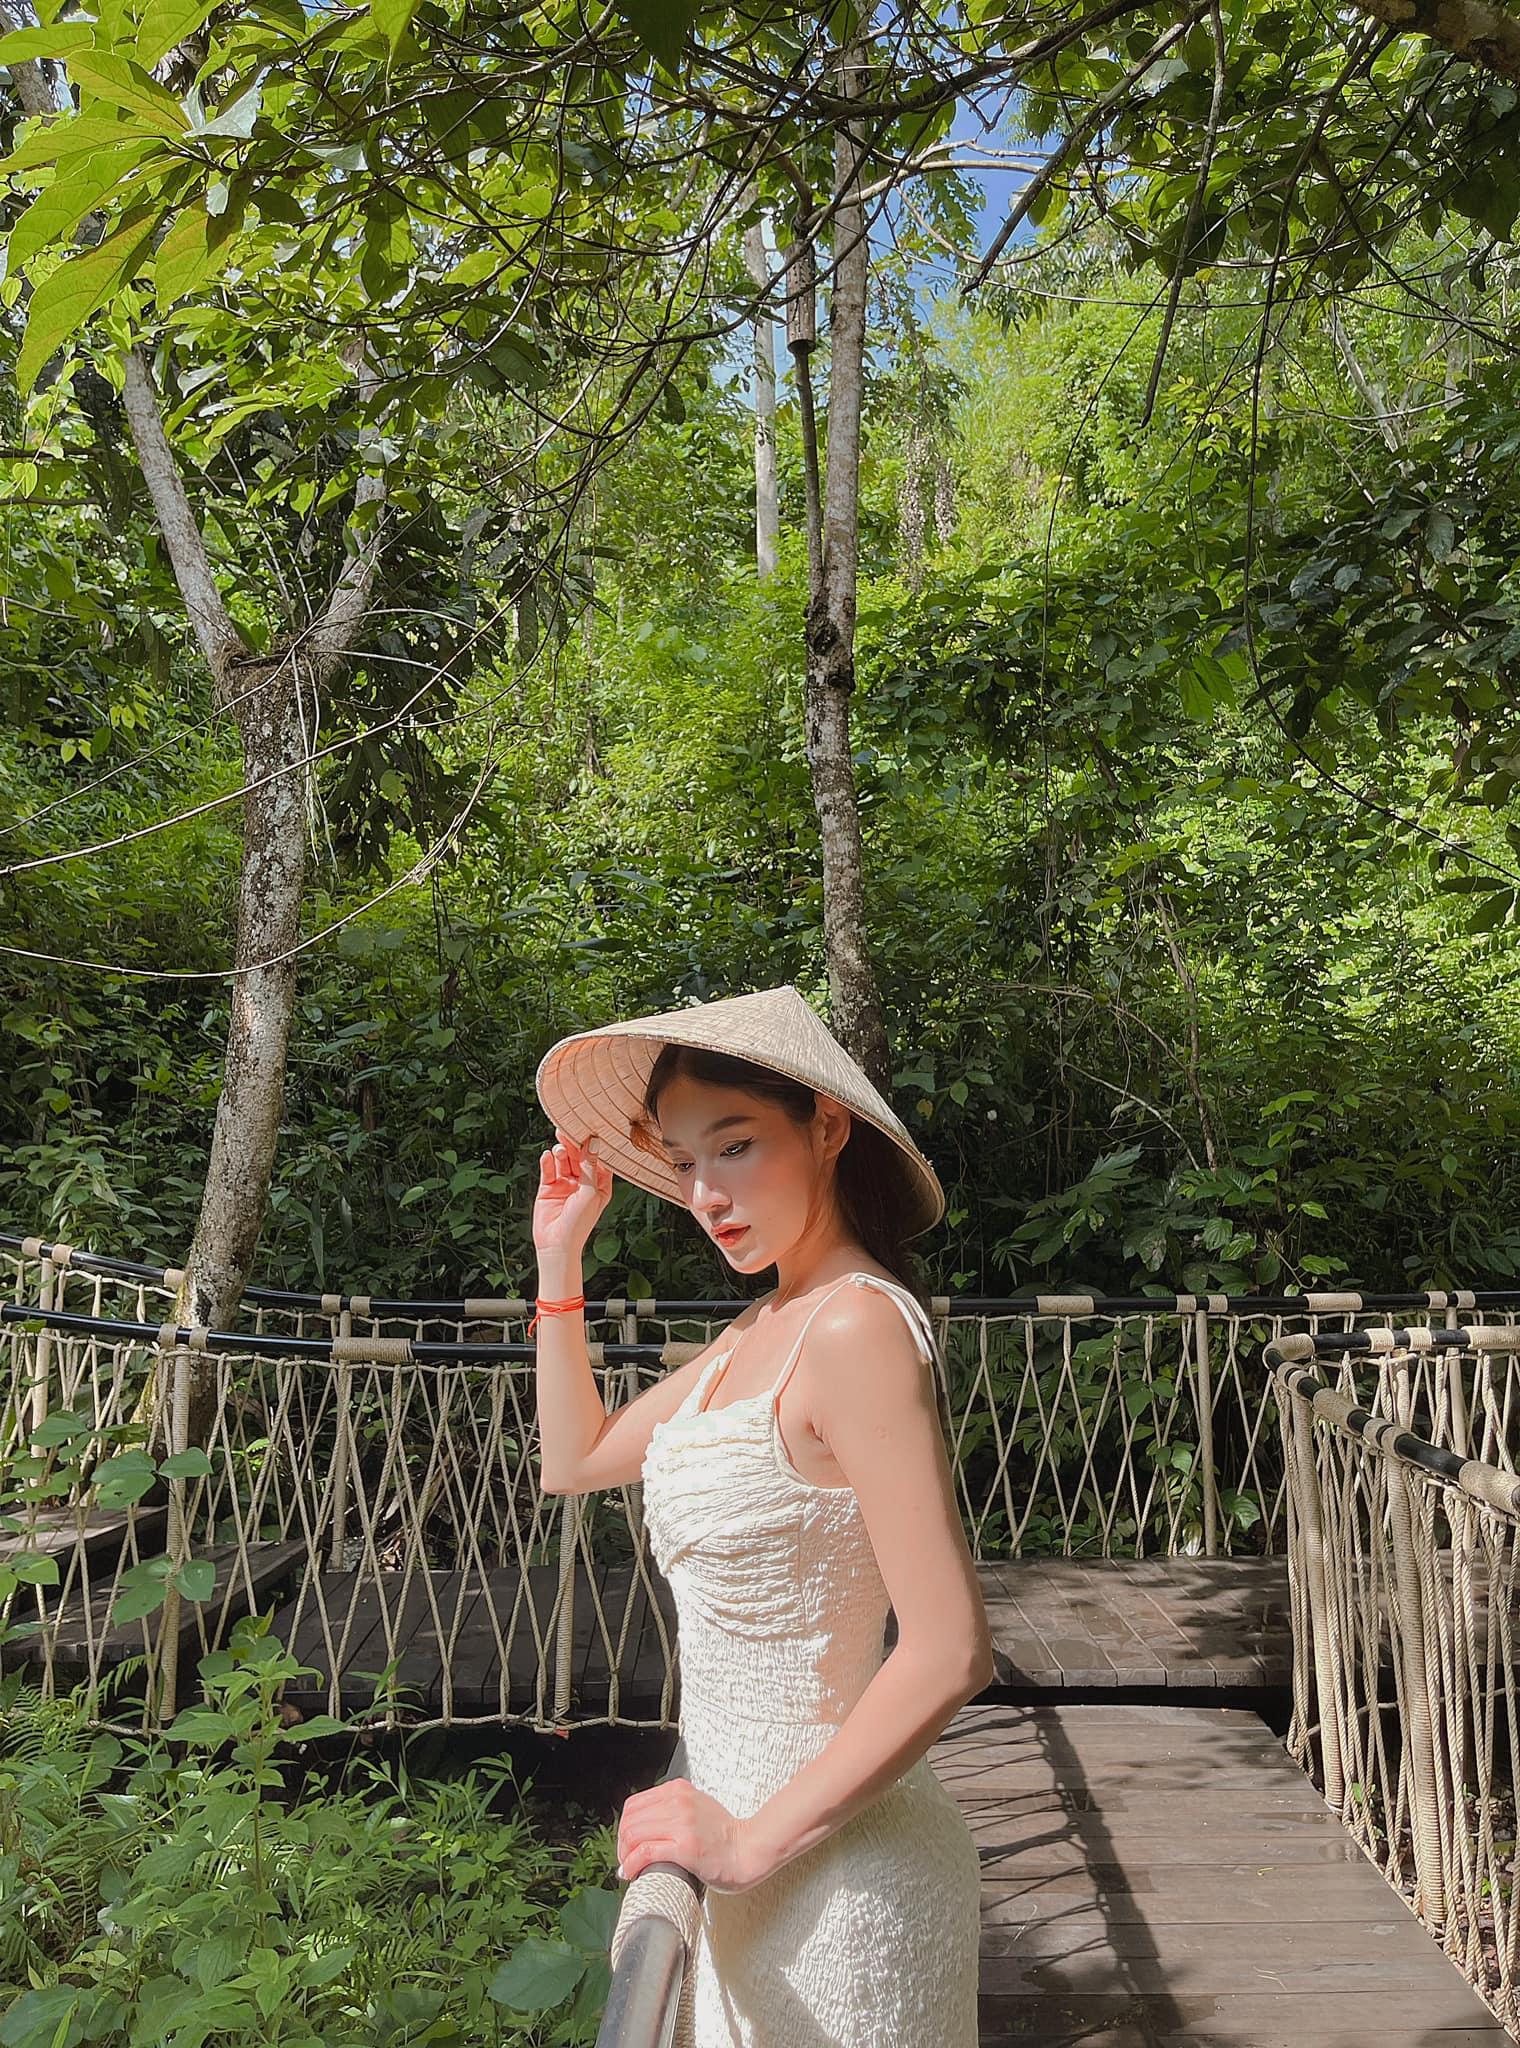 Ngoài ra, khu nghỉ còn hai trải nghiệm là nhặt trứng gà ở chicken farm và tham quan bảo tàng người Thái với những dụng cụ và y phục thời xưa.